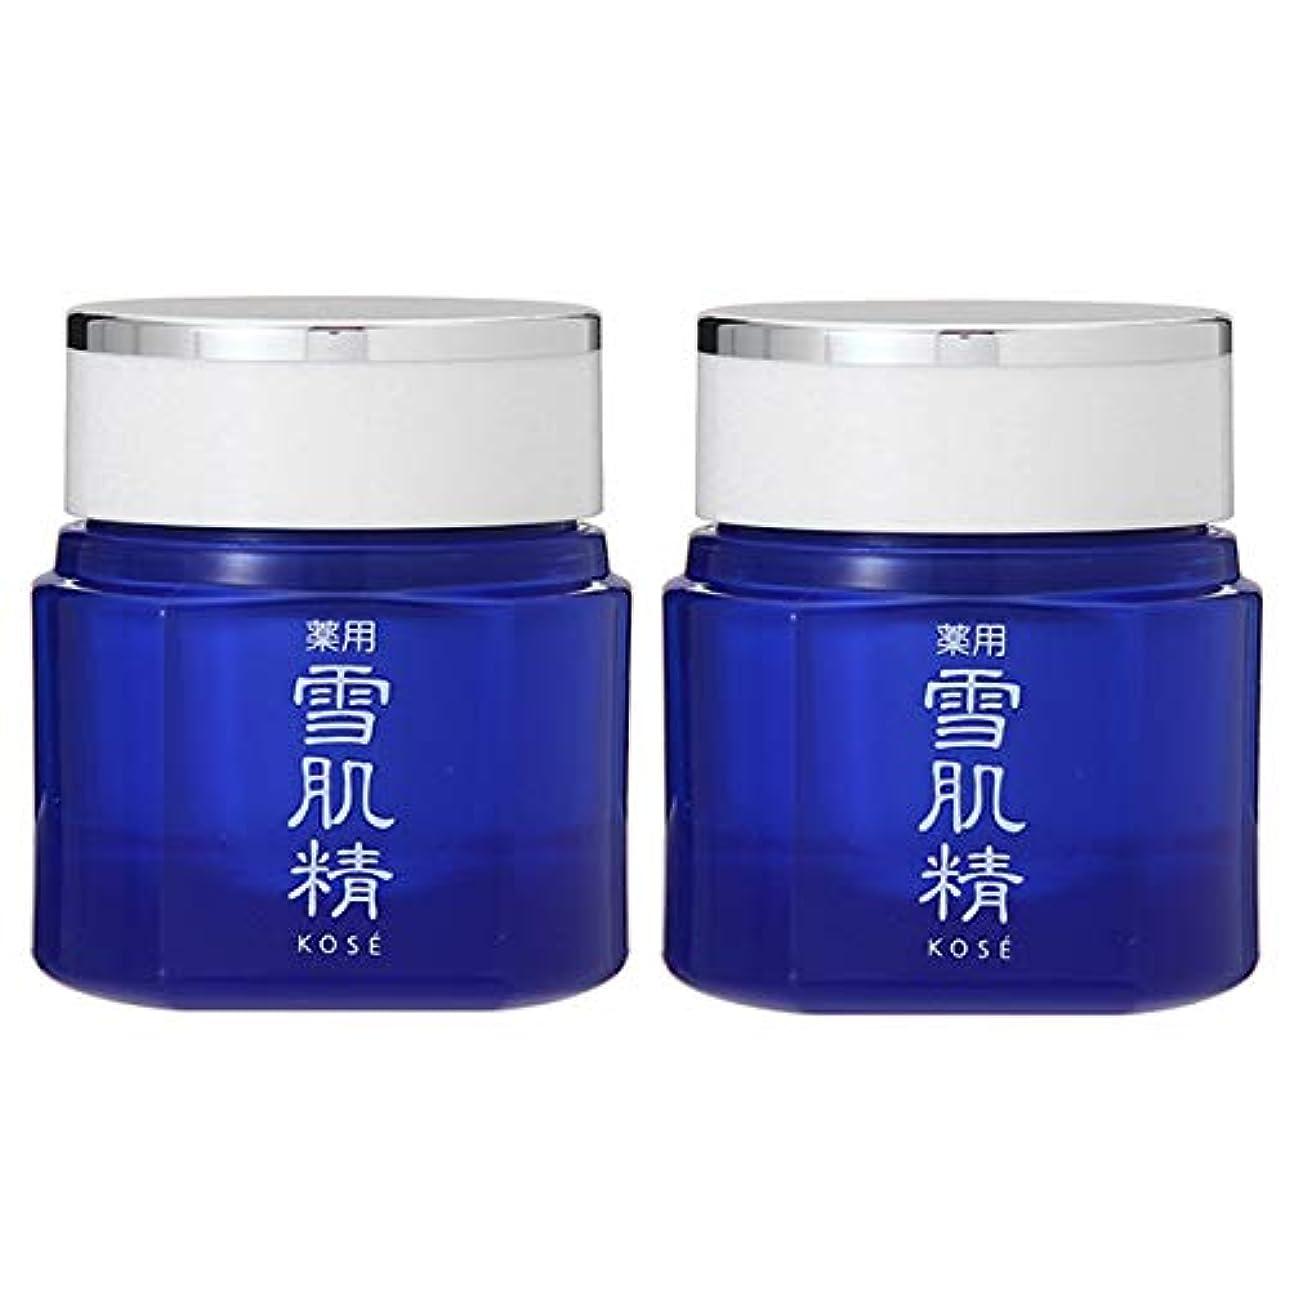 に向けて出発化学薬品資産【セット】コーセー 雪肌精 クリーム 40g 2個セット